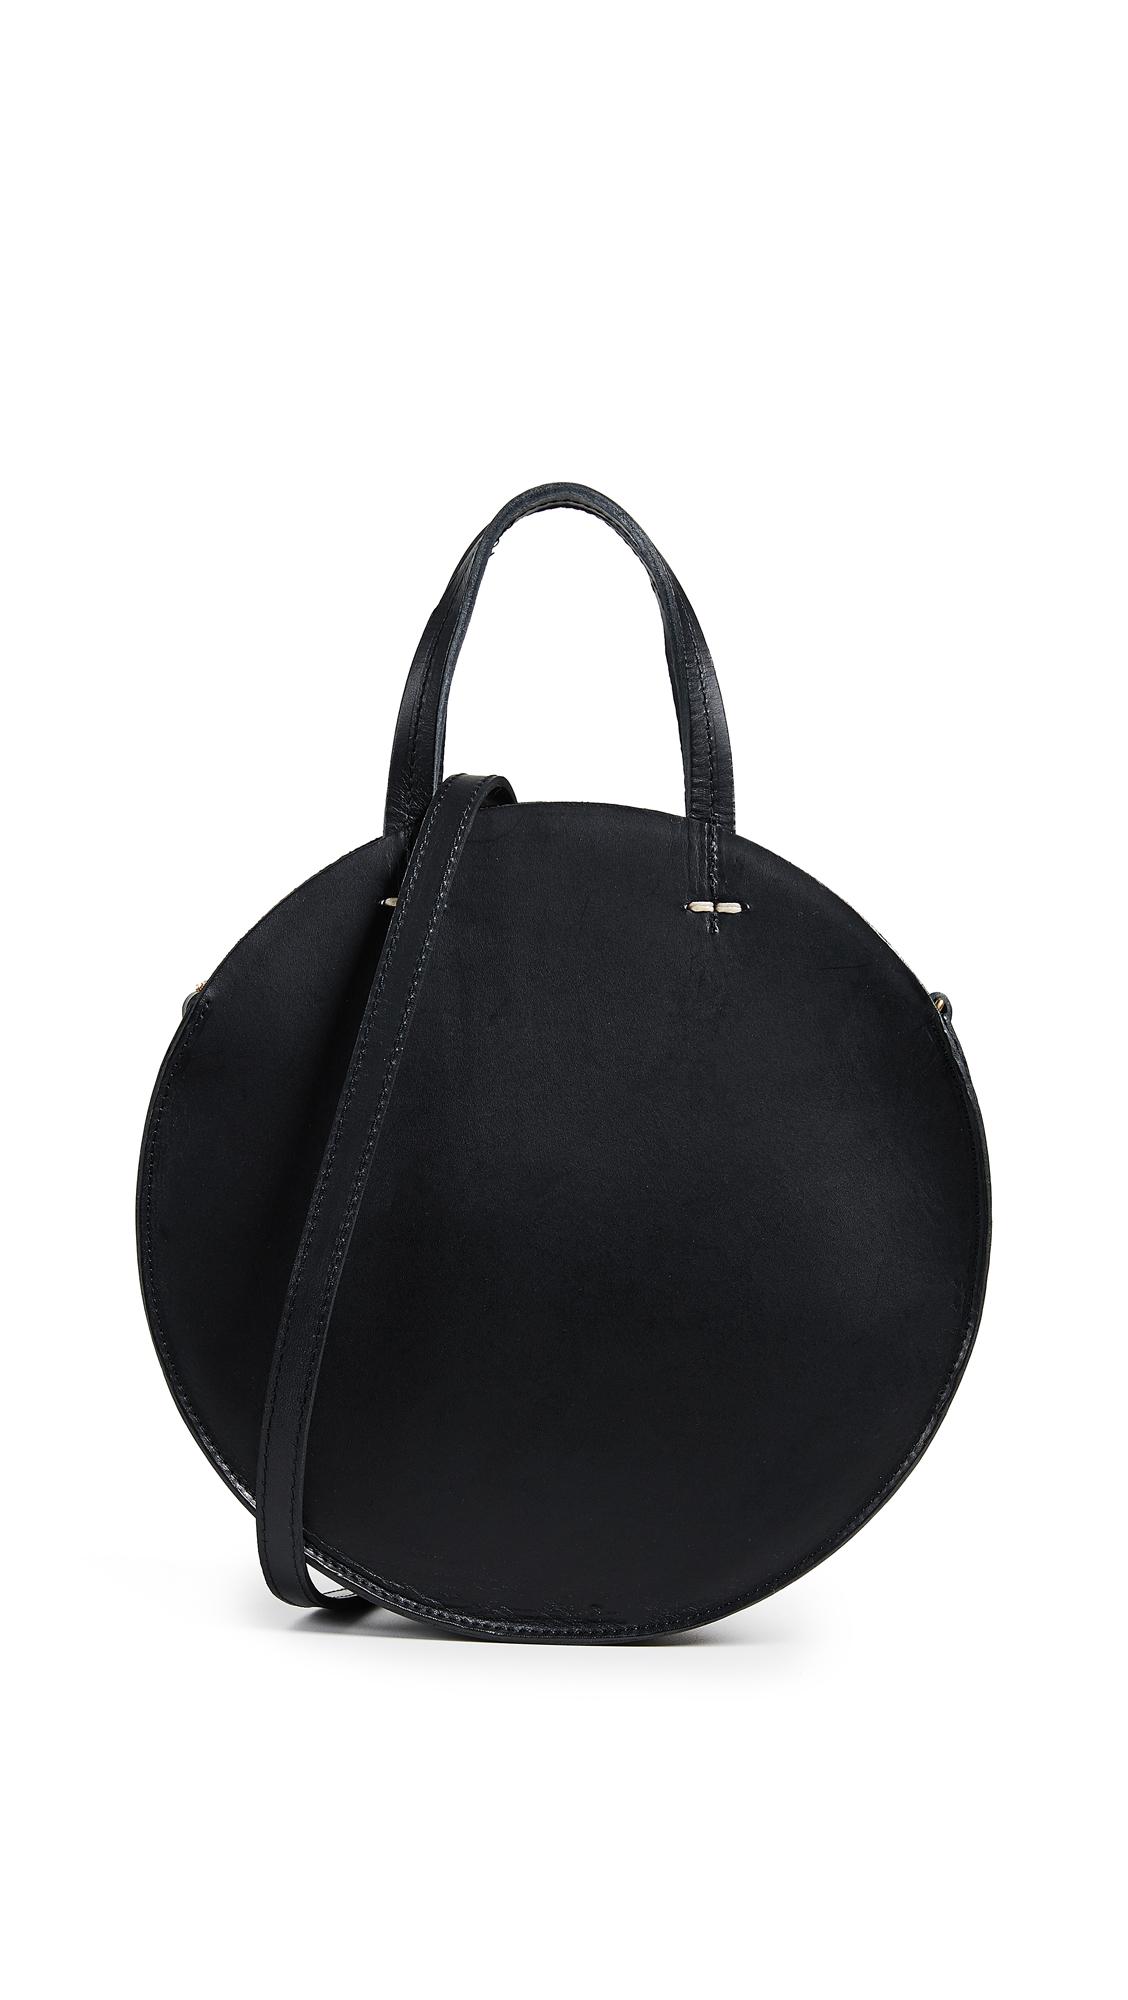 Clare V. Petite Alistair Bag